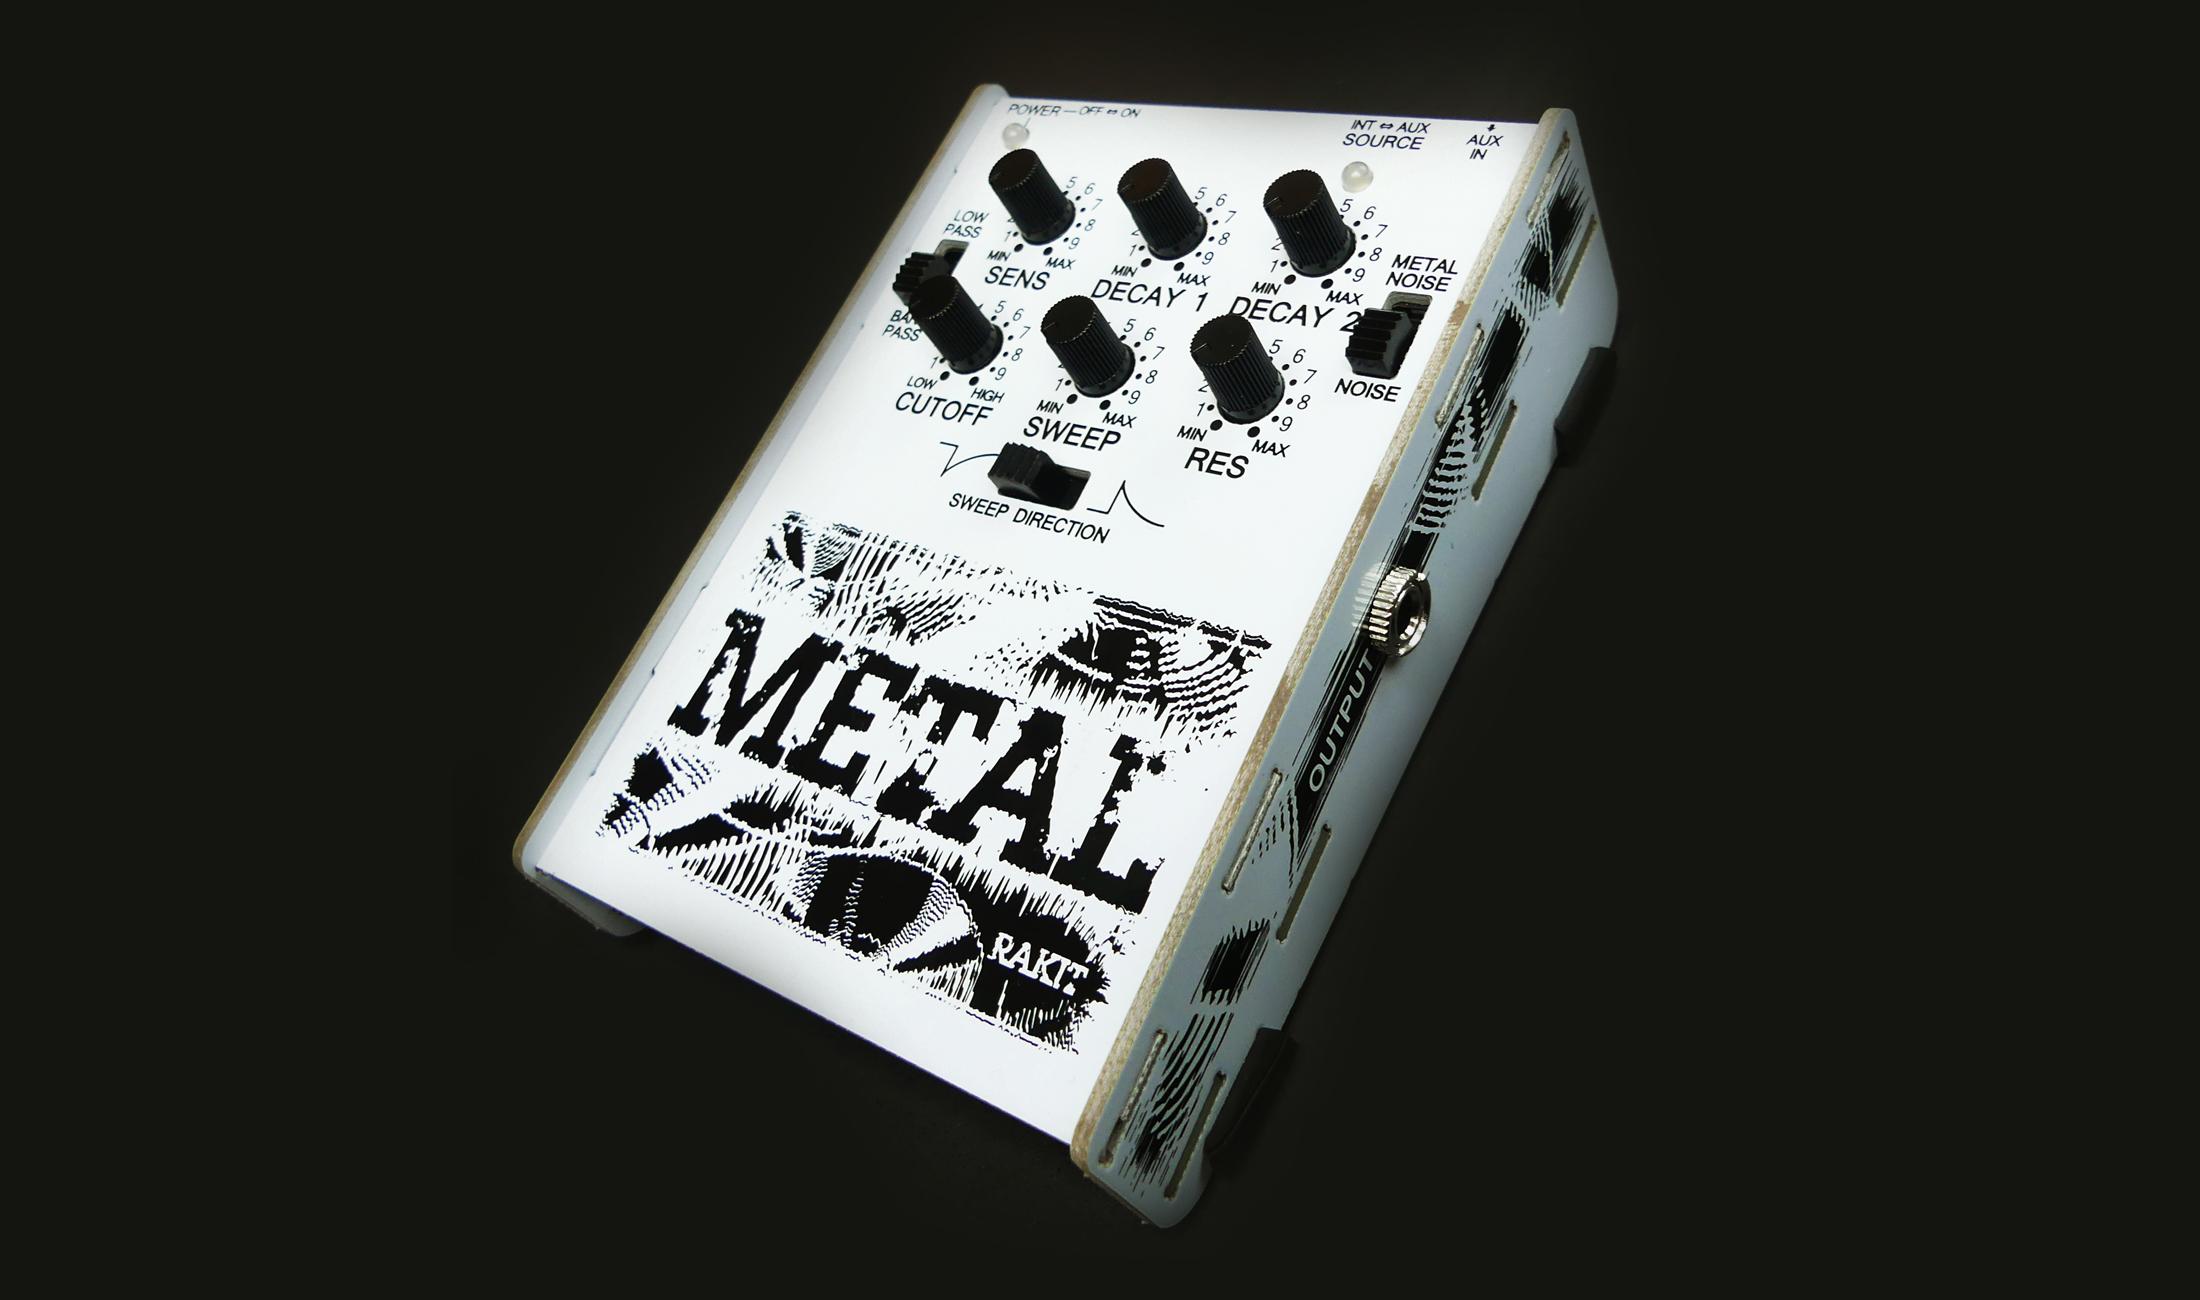 Metal von Rakit ist ein sehr vielseitiger Drumsynth für unter 80 Euro